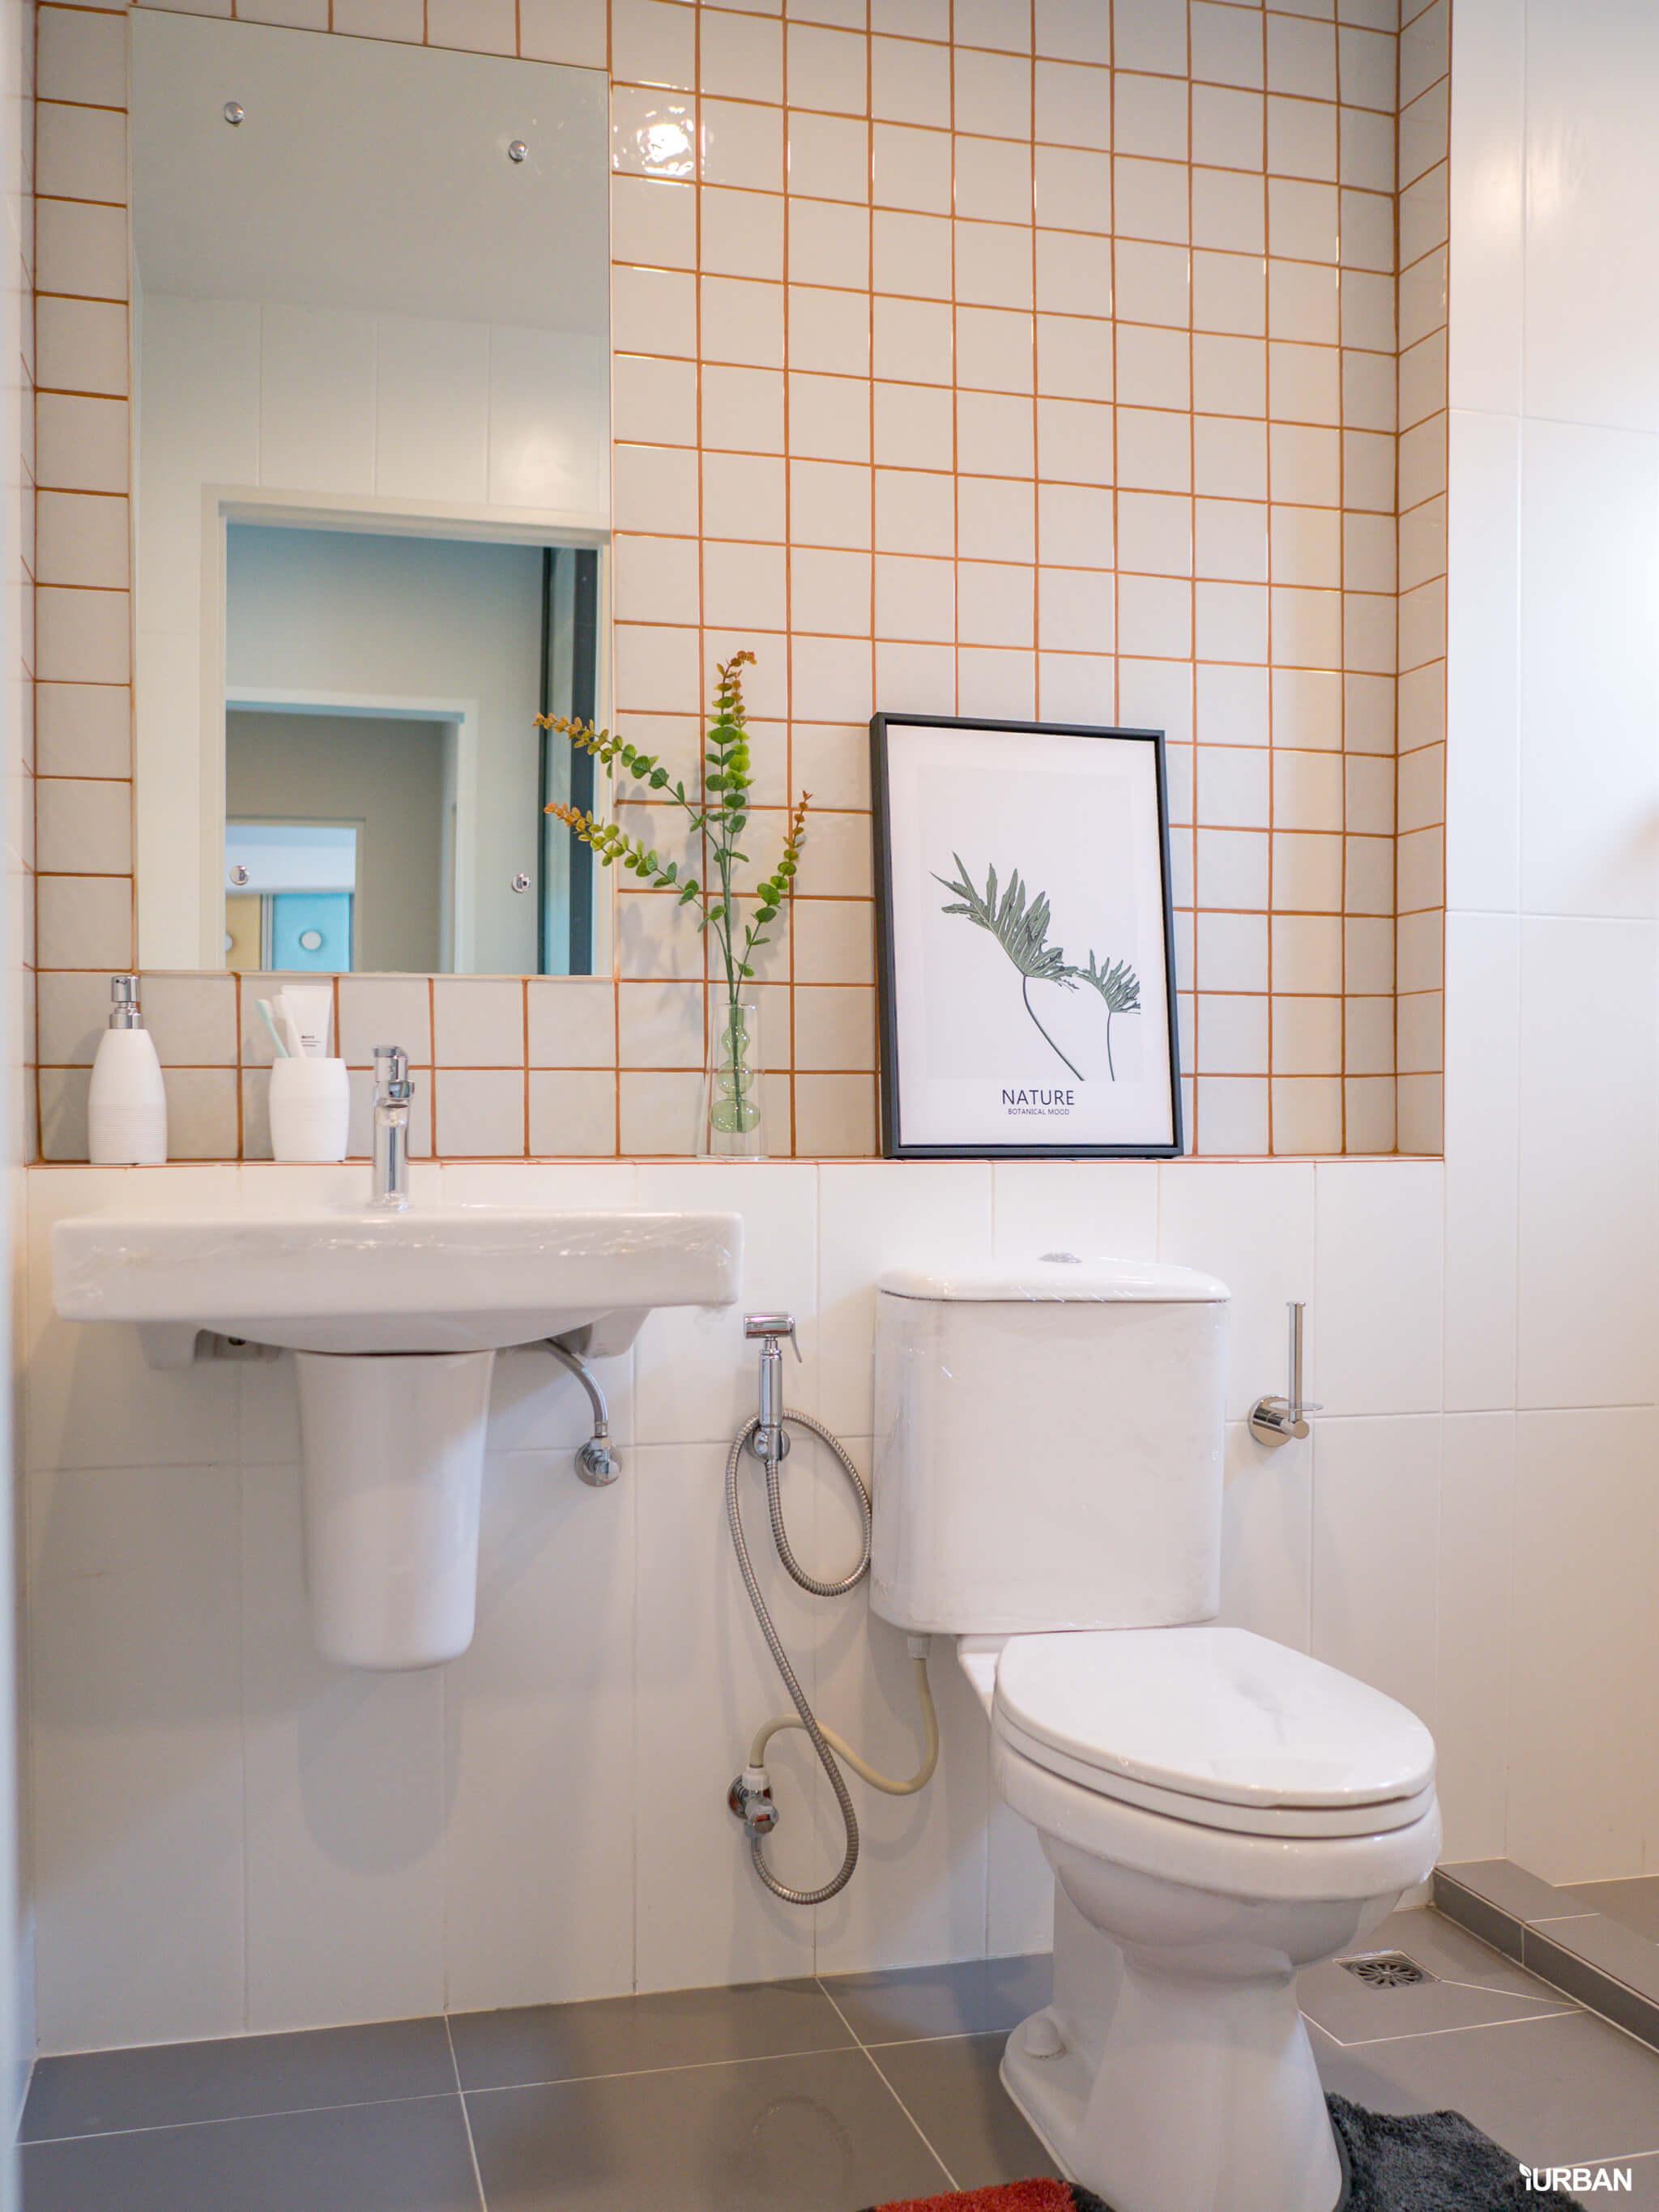 รีวิว อณาสิริ ชัยพฤกษ์-วงแหวน เมื่อแสนสิริออกแบบบ้านใหม่ Feel Just Right ใช้งานได้ลงตัว 91 - Anasiri